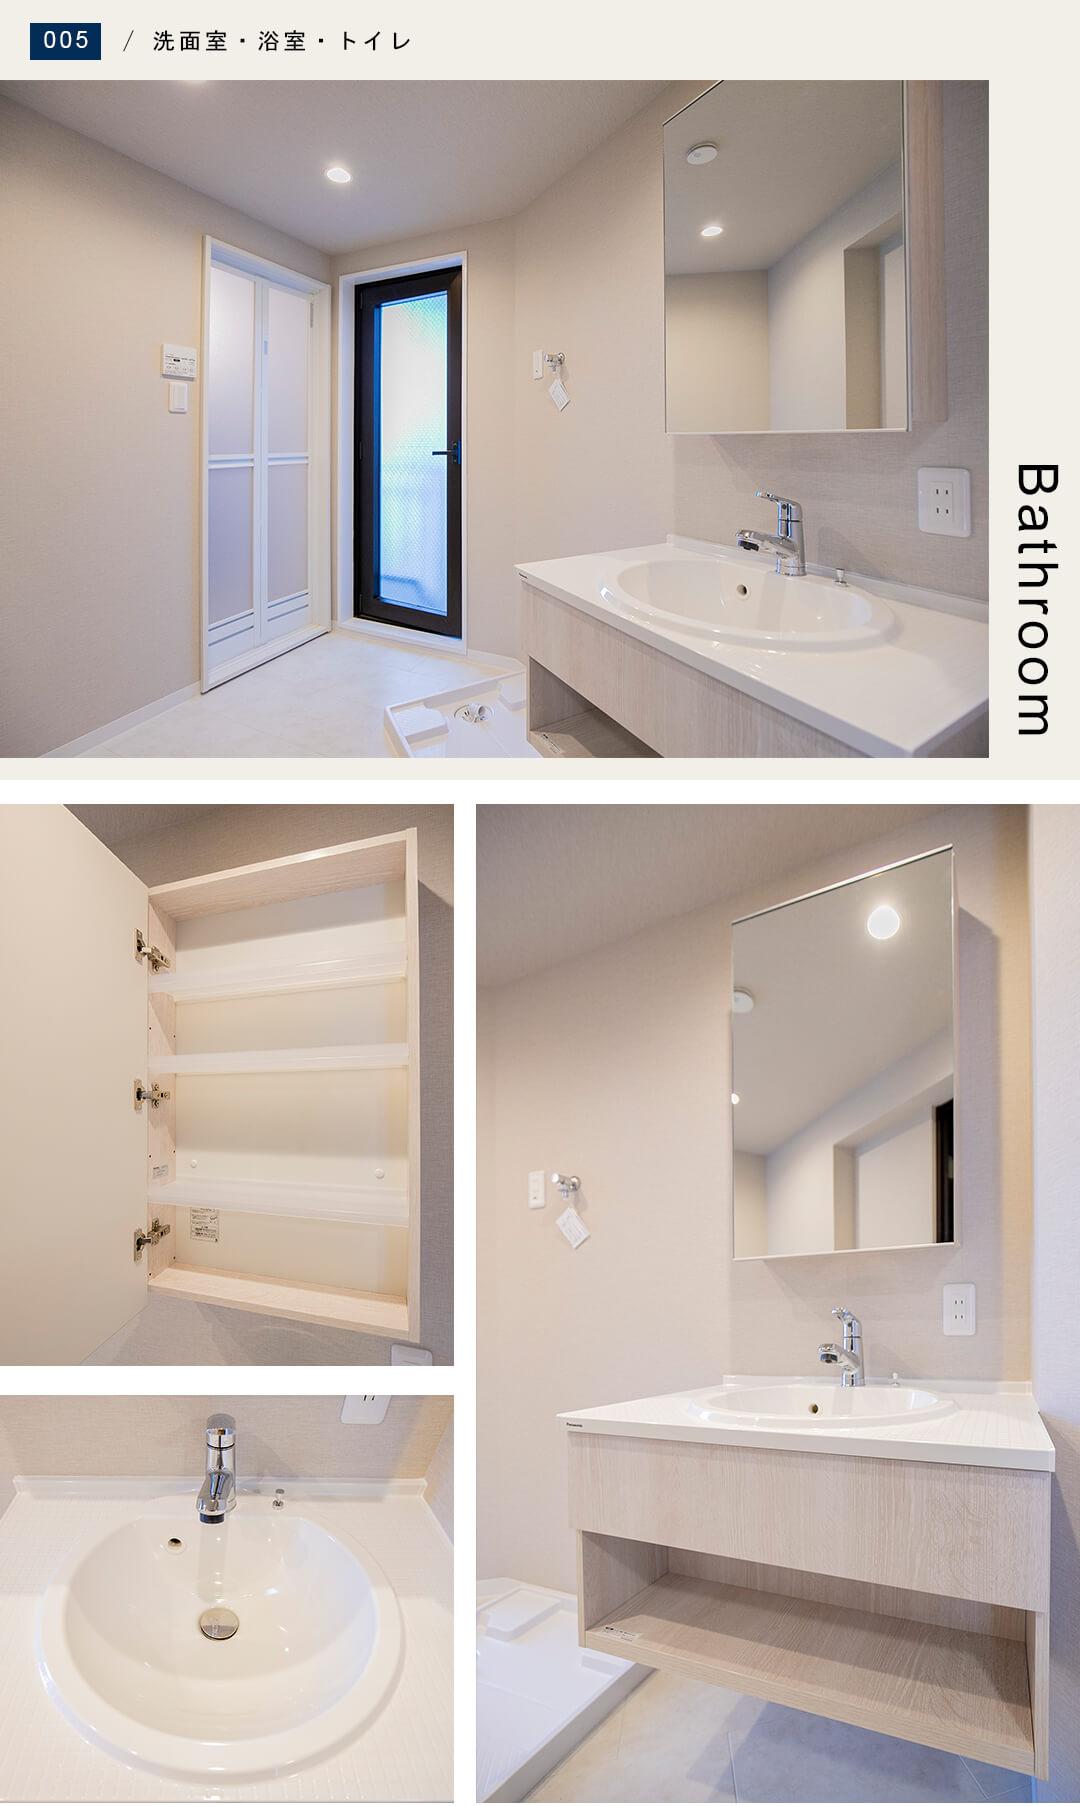 フェニックス早稲田の洗面室